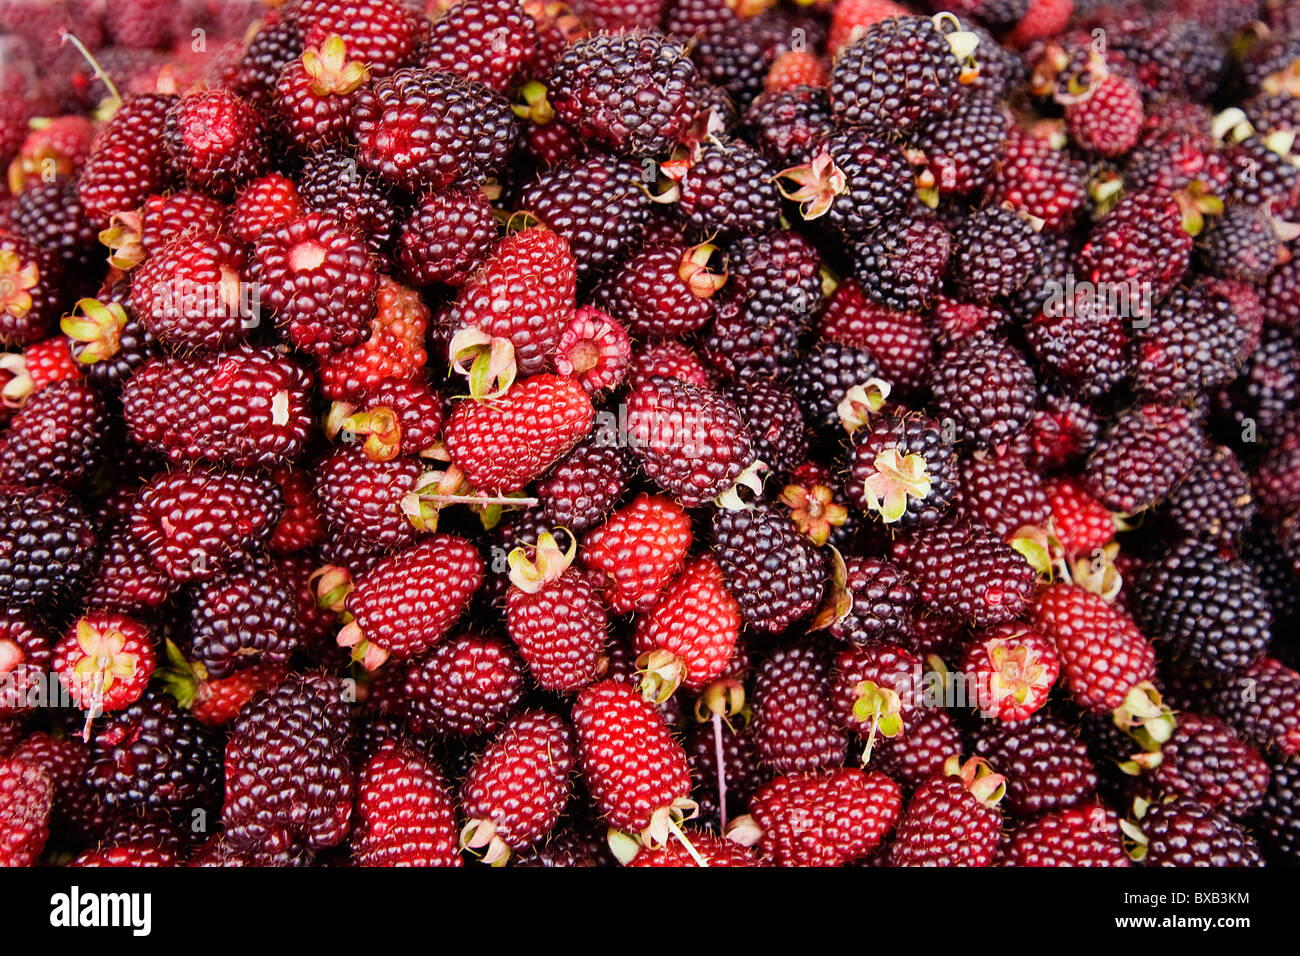 Fresh blackberries, full frame - Stock Image